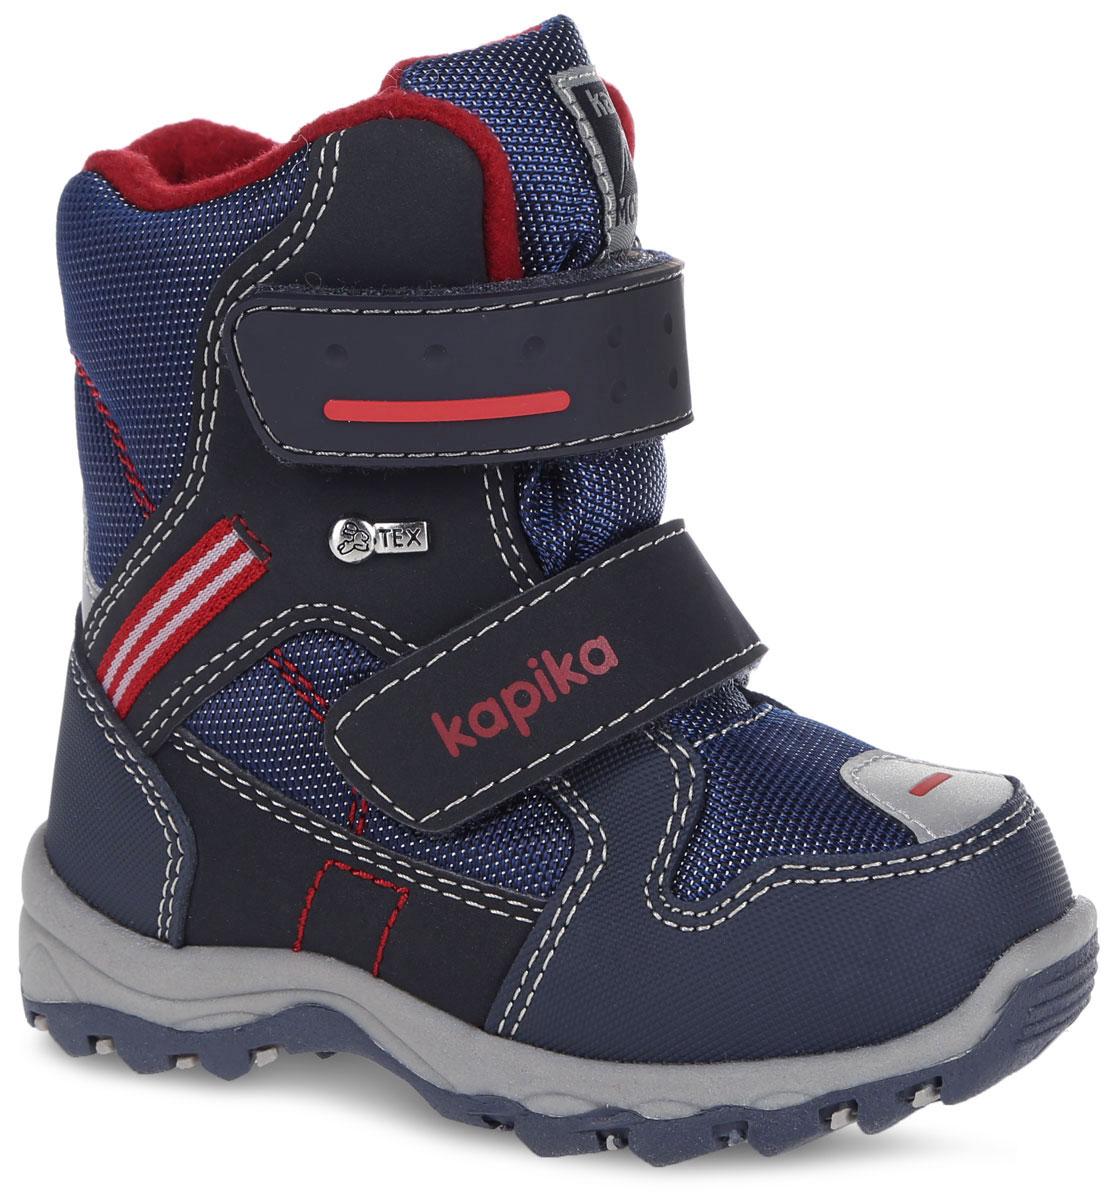 Ботинки для мальчика. 41142-141142-1Удобные высокие ботинки от Kapika придутся по душе вашему сынишке! Модель изготовлена из искусственной кожи и плотного текстиля с применением мембраны. Мембранная обувь называется дышащей, защищает от влаги, своевременно отводит естественные испарения тела и сохраняет комфортный микроклимат при ношении. Изделие оформлено прострочкой, на язычке - фирменной нашивкой, на ремешке - названием бренда и металлическим элементом сбоку. Два ремешка на застежках-липучках надежно фиксируют изделие на ноге. Мягкая подкладка и стелька исполненные из текстиля, на 80% состоящего из натурального овечьего шерстяного меха, обеспечивают тепло и надежно защищают от холода. Рифление на подошве гарантирует идеальное сцепление с любыми поверхностями. Стильные ботинки займут достойное место в гардеробе вашего ребенка, они идеально подойдут для теплой зимы, а также поздней осени и ранней весны.